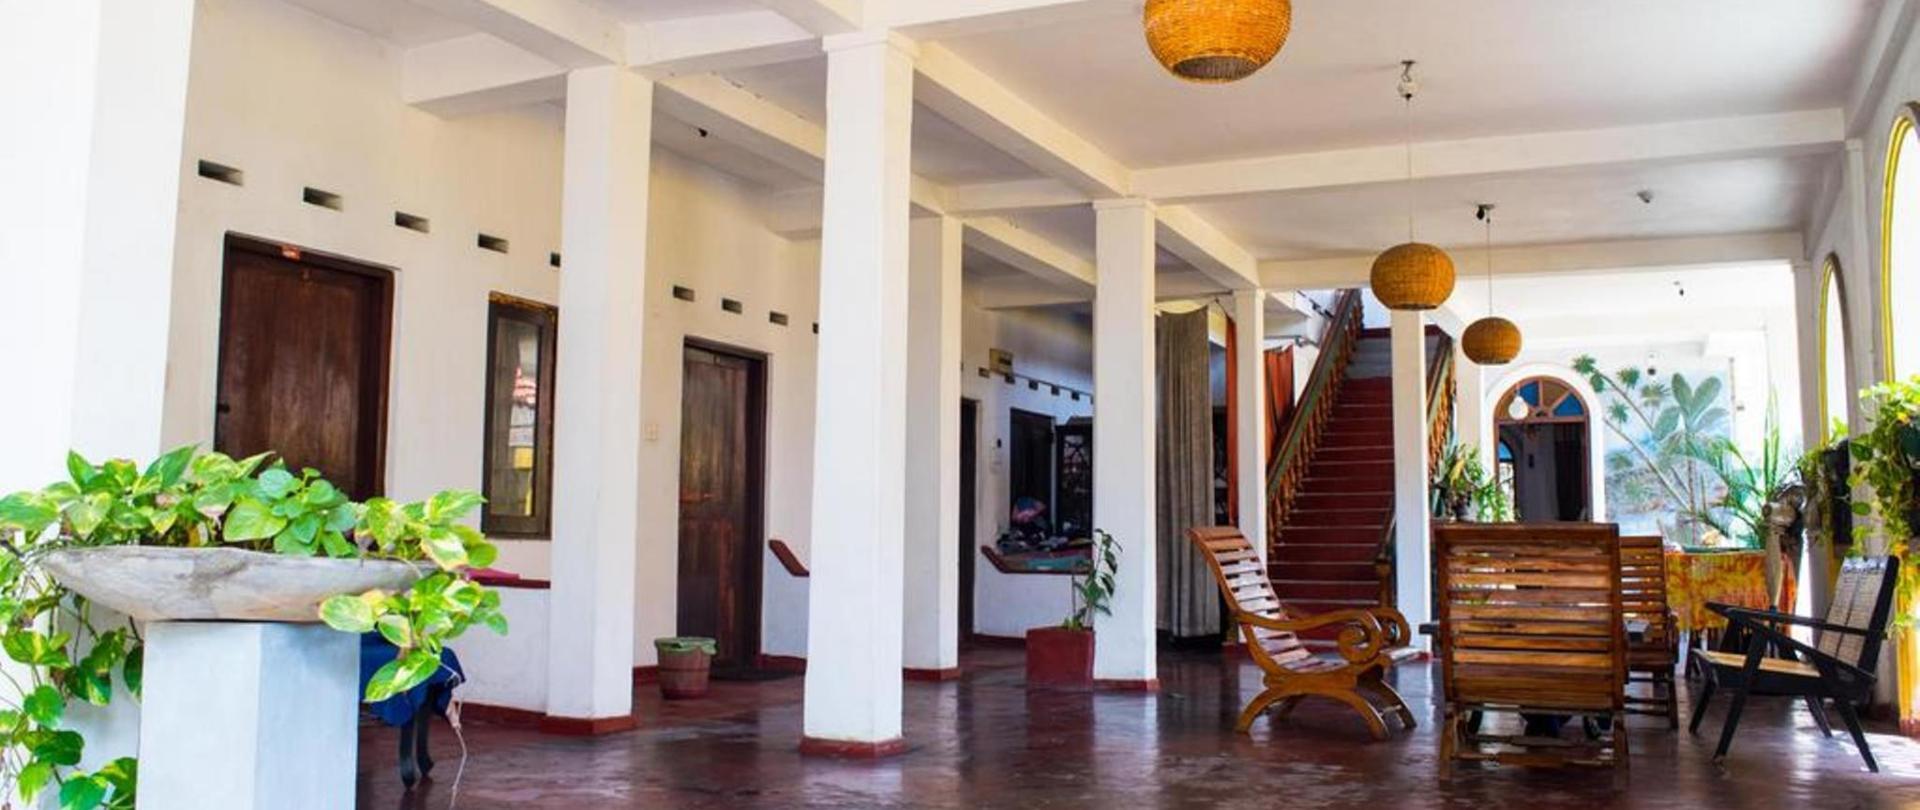 Casalanka Hotel Hikkaduwa.jpg